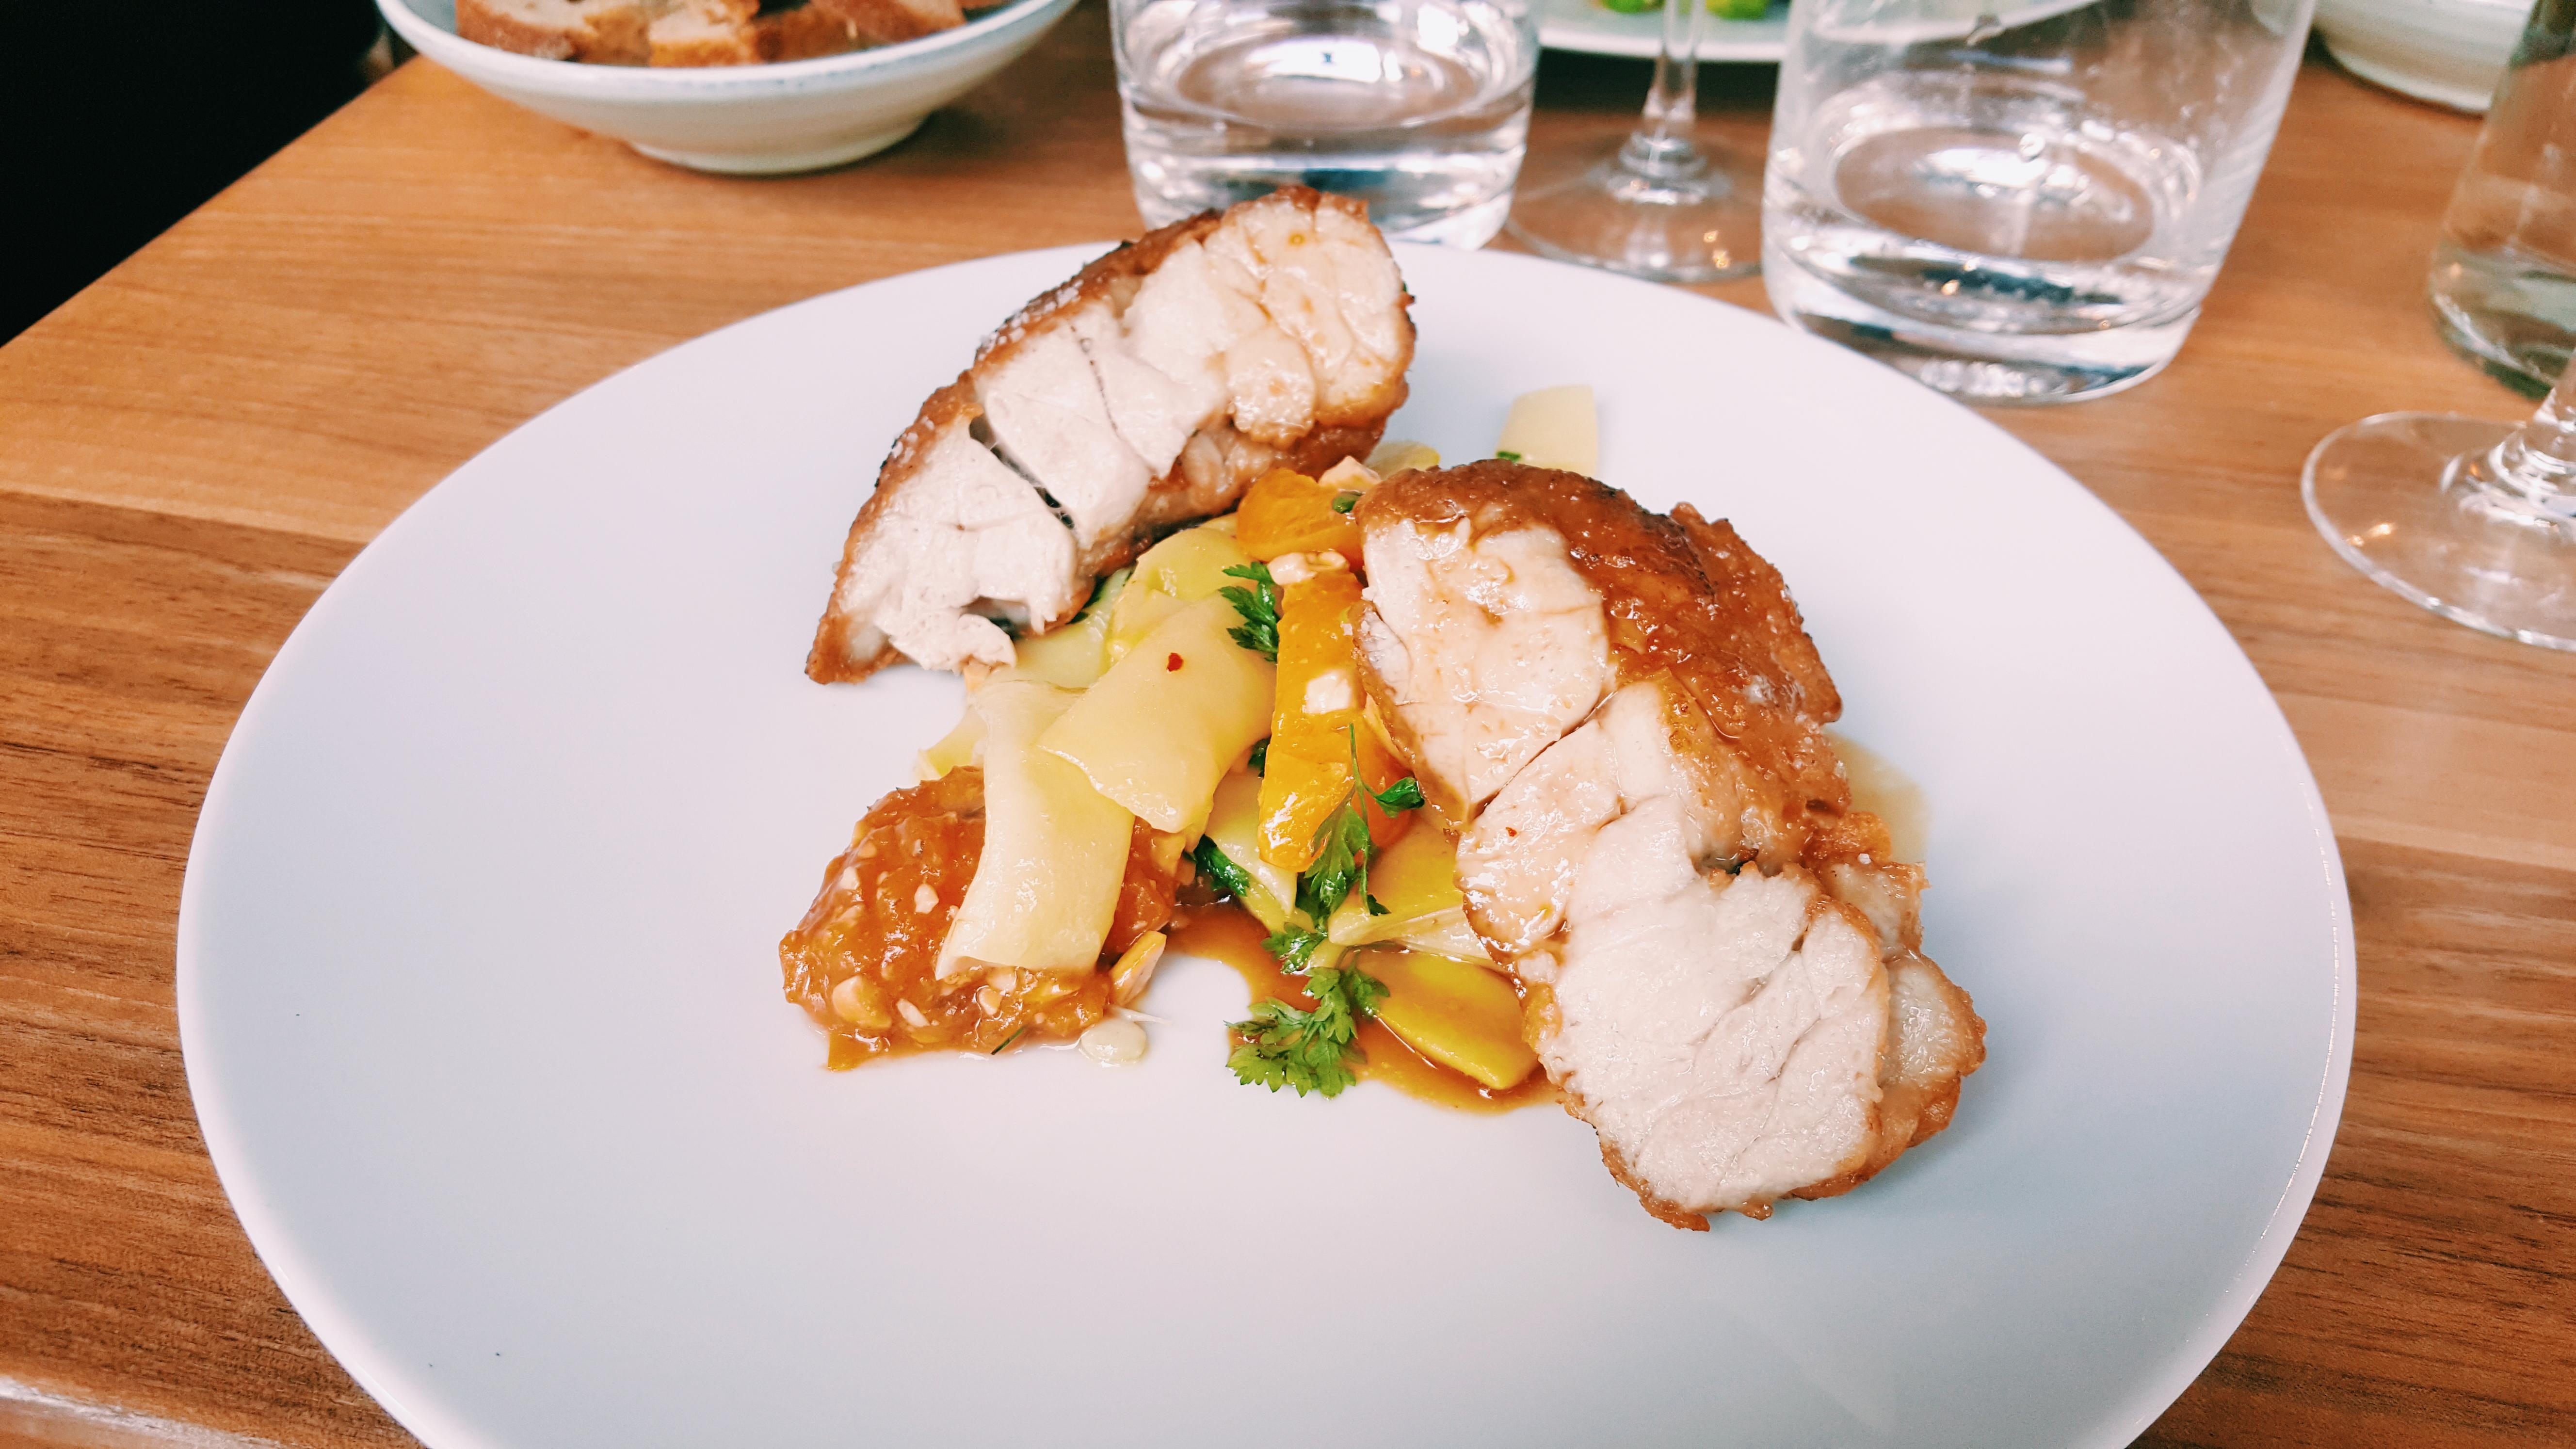 Ris-de-veau-haricots-beurre-abricots-noix-de-cajou-Le-Servan-restaurant-Paris-11e-menu-diner-Tatiana-Lehva-food-photo-usofparis-blog